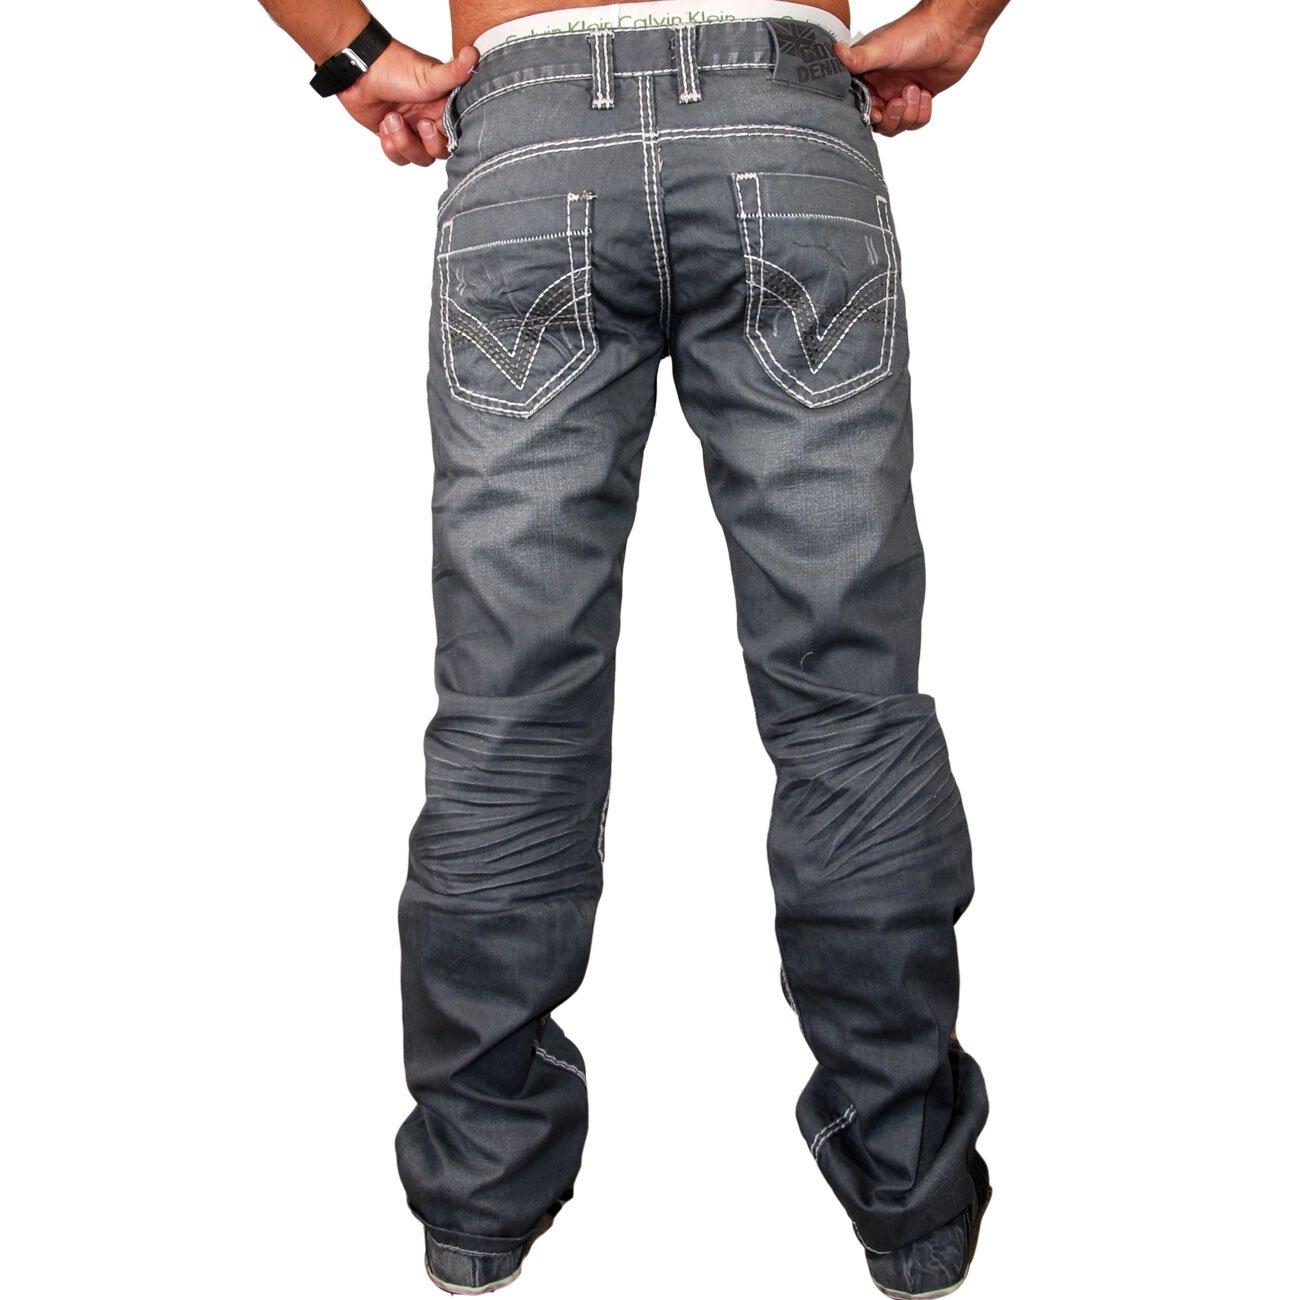 used look jeans herren reslad 3339 herren jeans kaufen. Black Bedroom Furniture Sets. Home Design Ideas